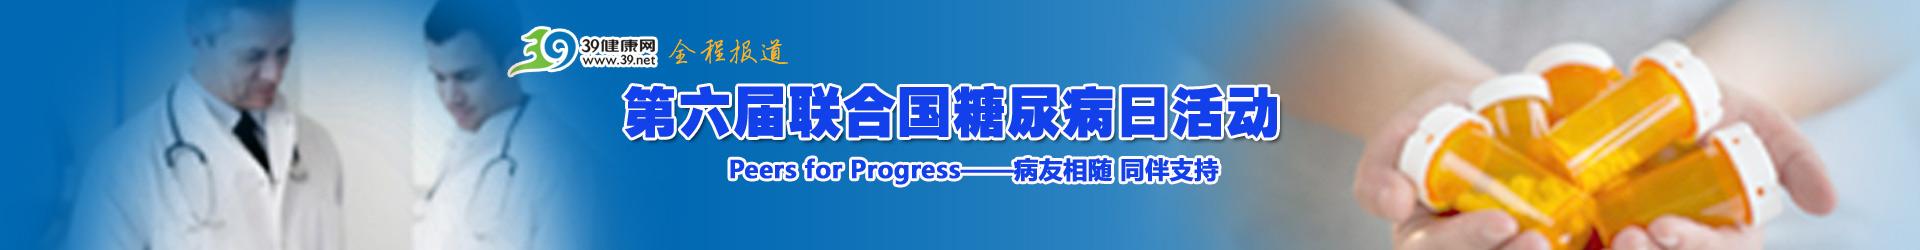 2012年联合国糖尿病日